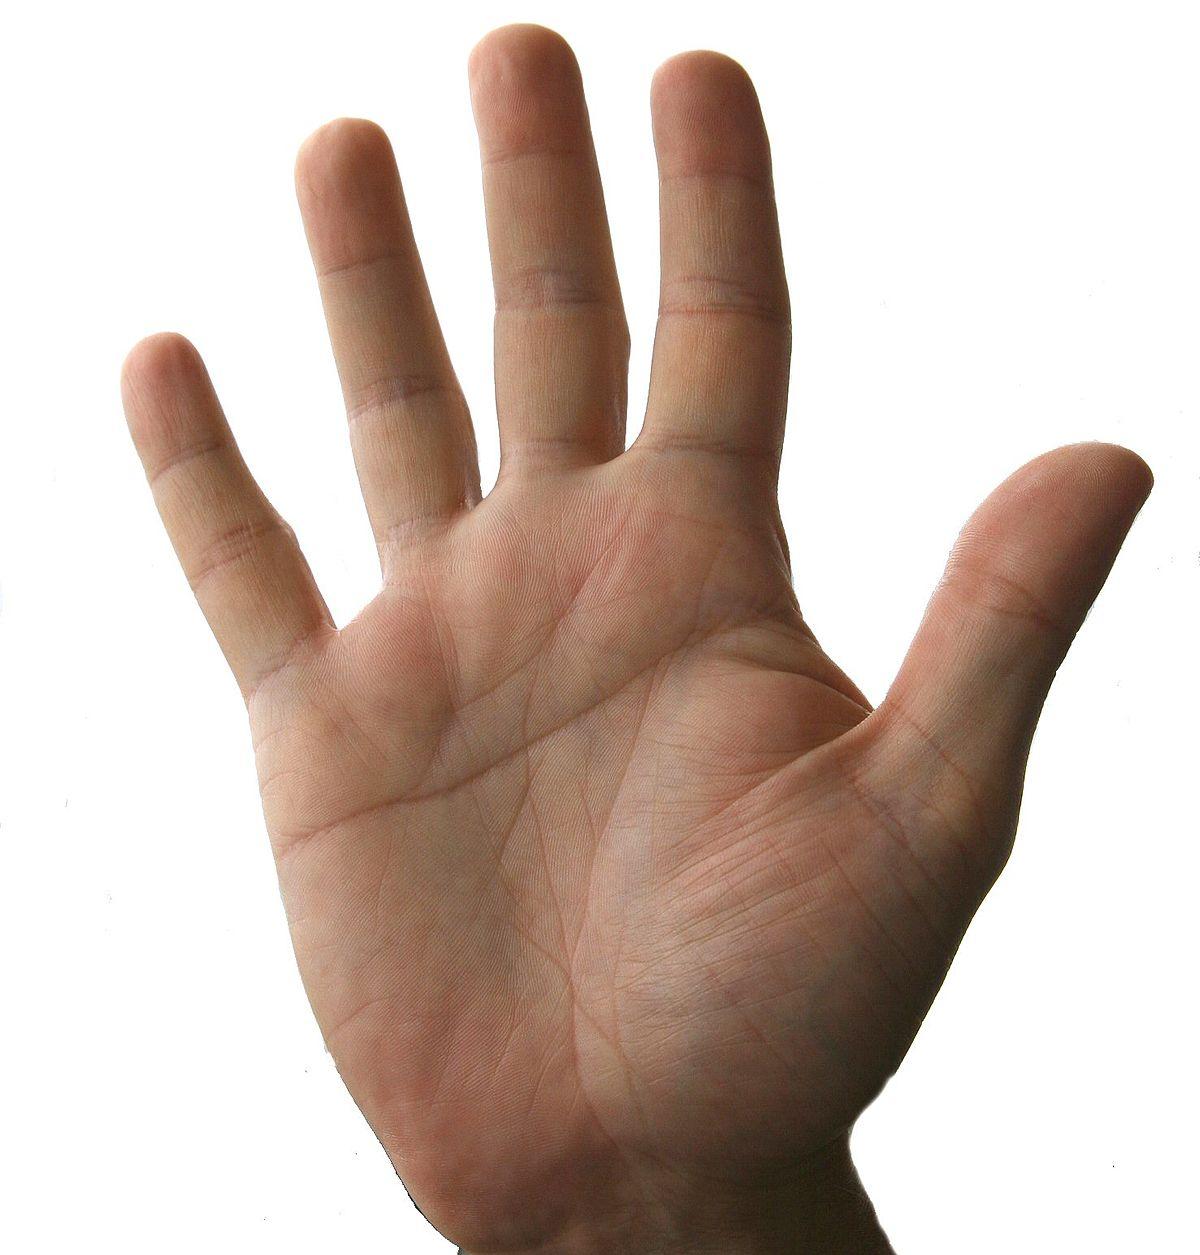 Vierfingerfurche – Wikipedia